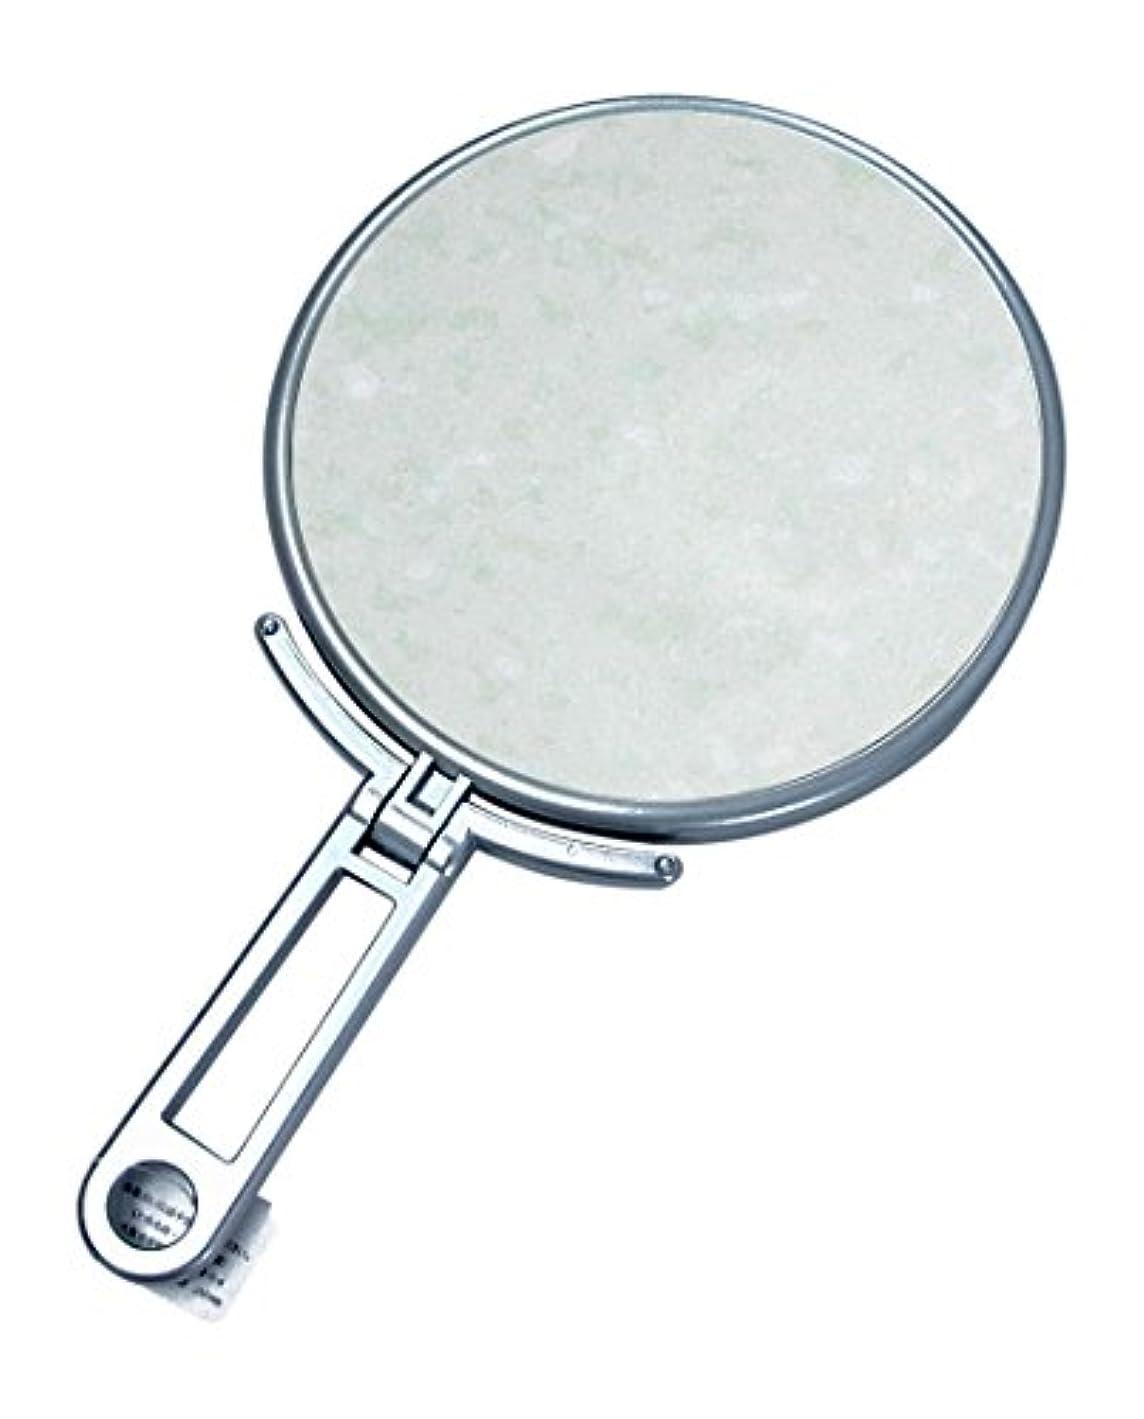 初心者良心的コインランドリーメリー 片面約5倍拡大鏡付折立ミラー シルバー CH-9740